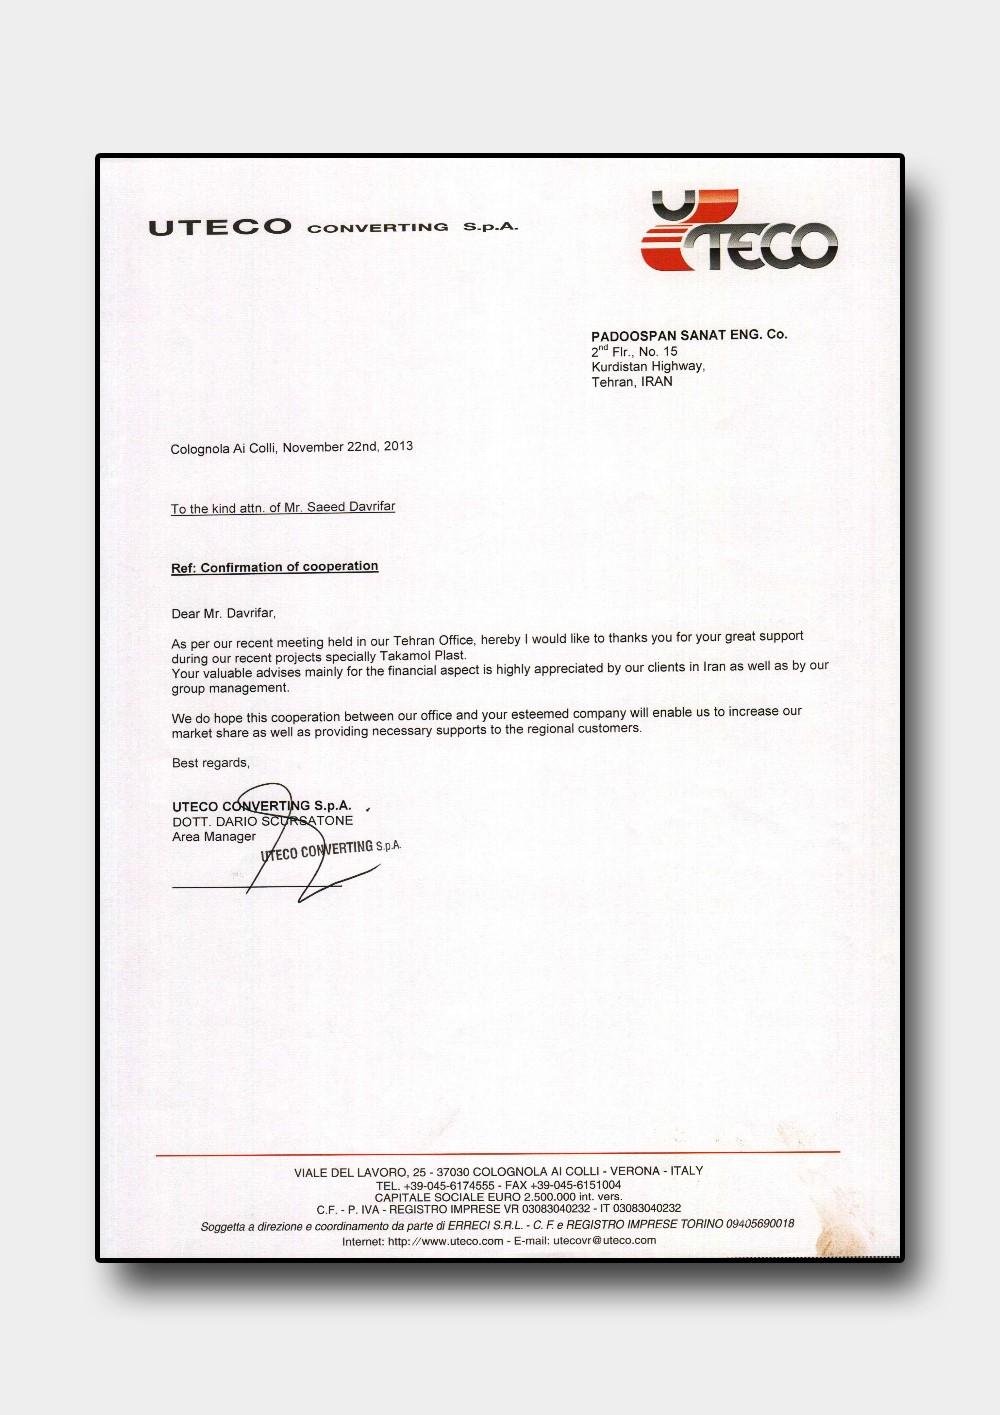 تقدیرنامه شرکت UTECO ایتالیا